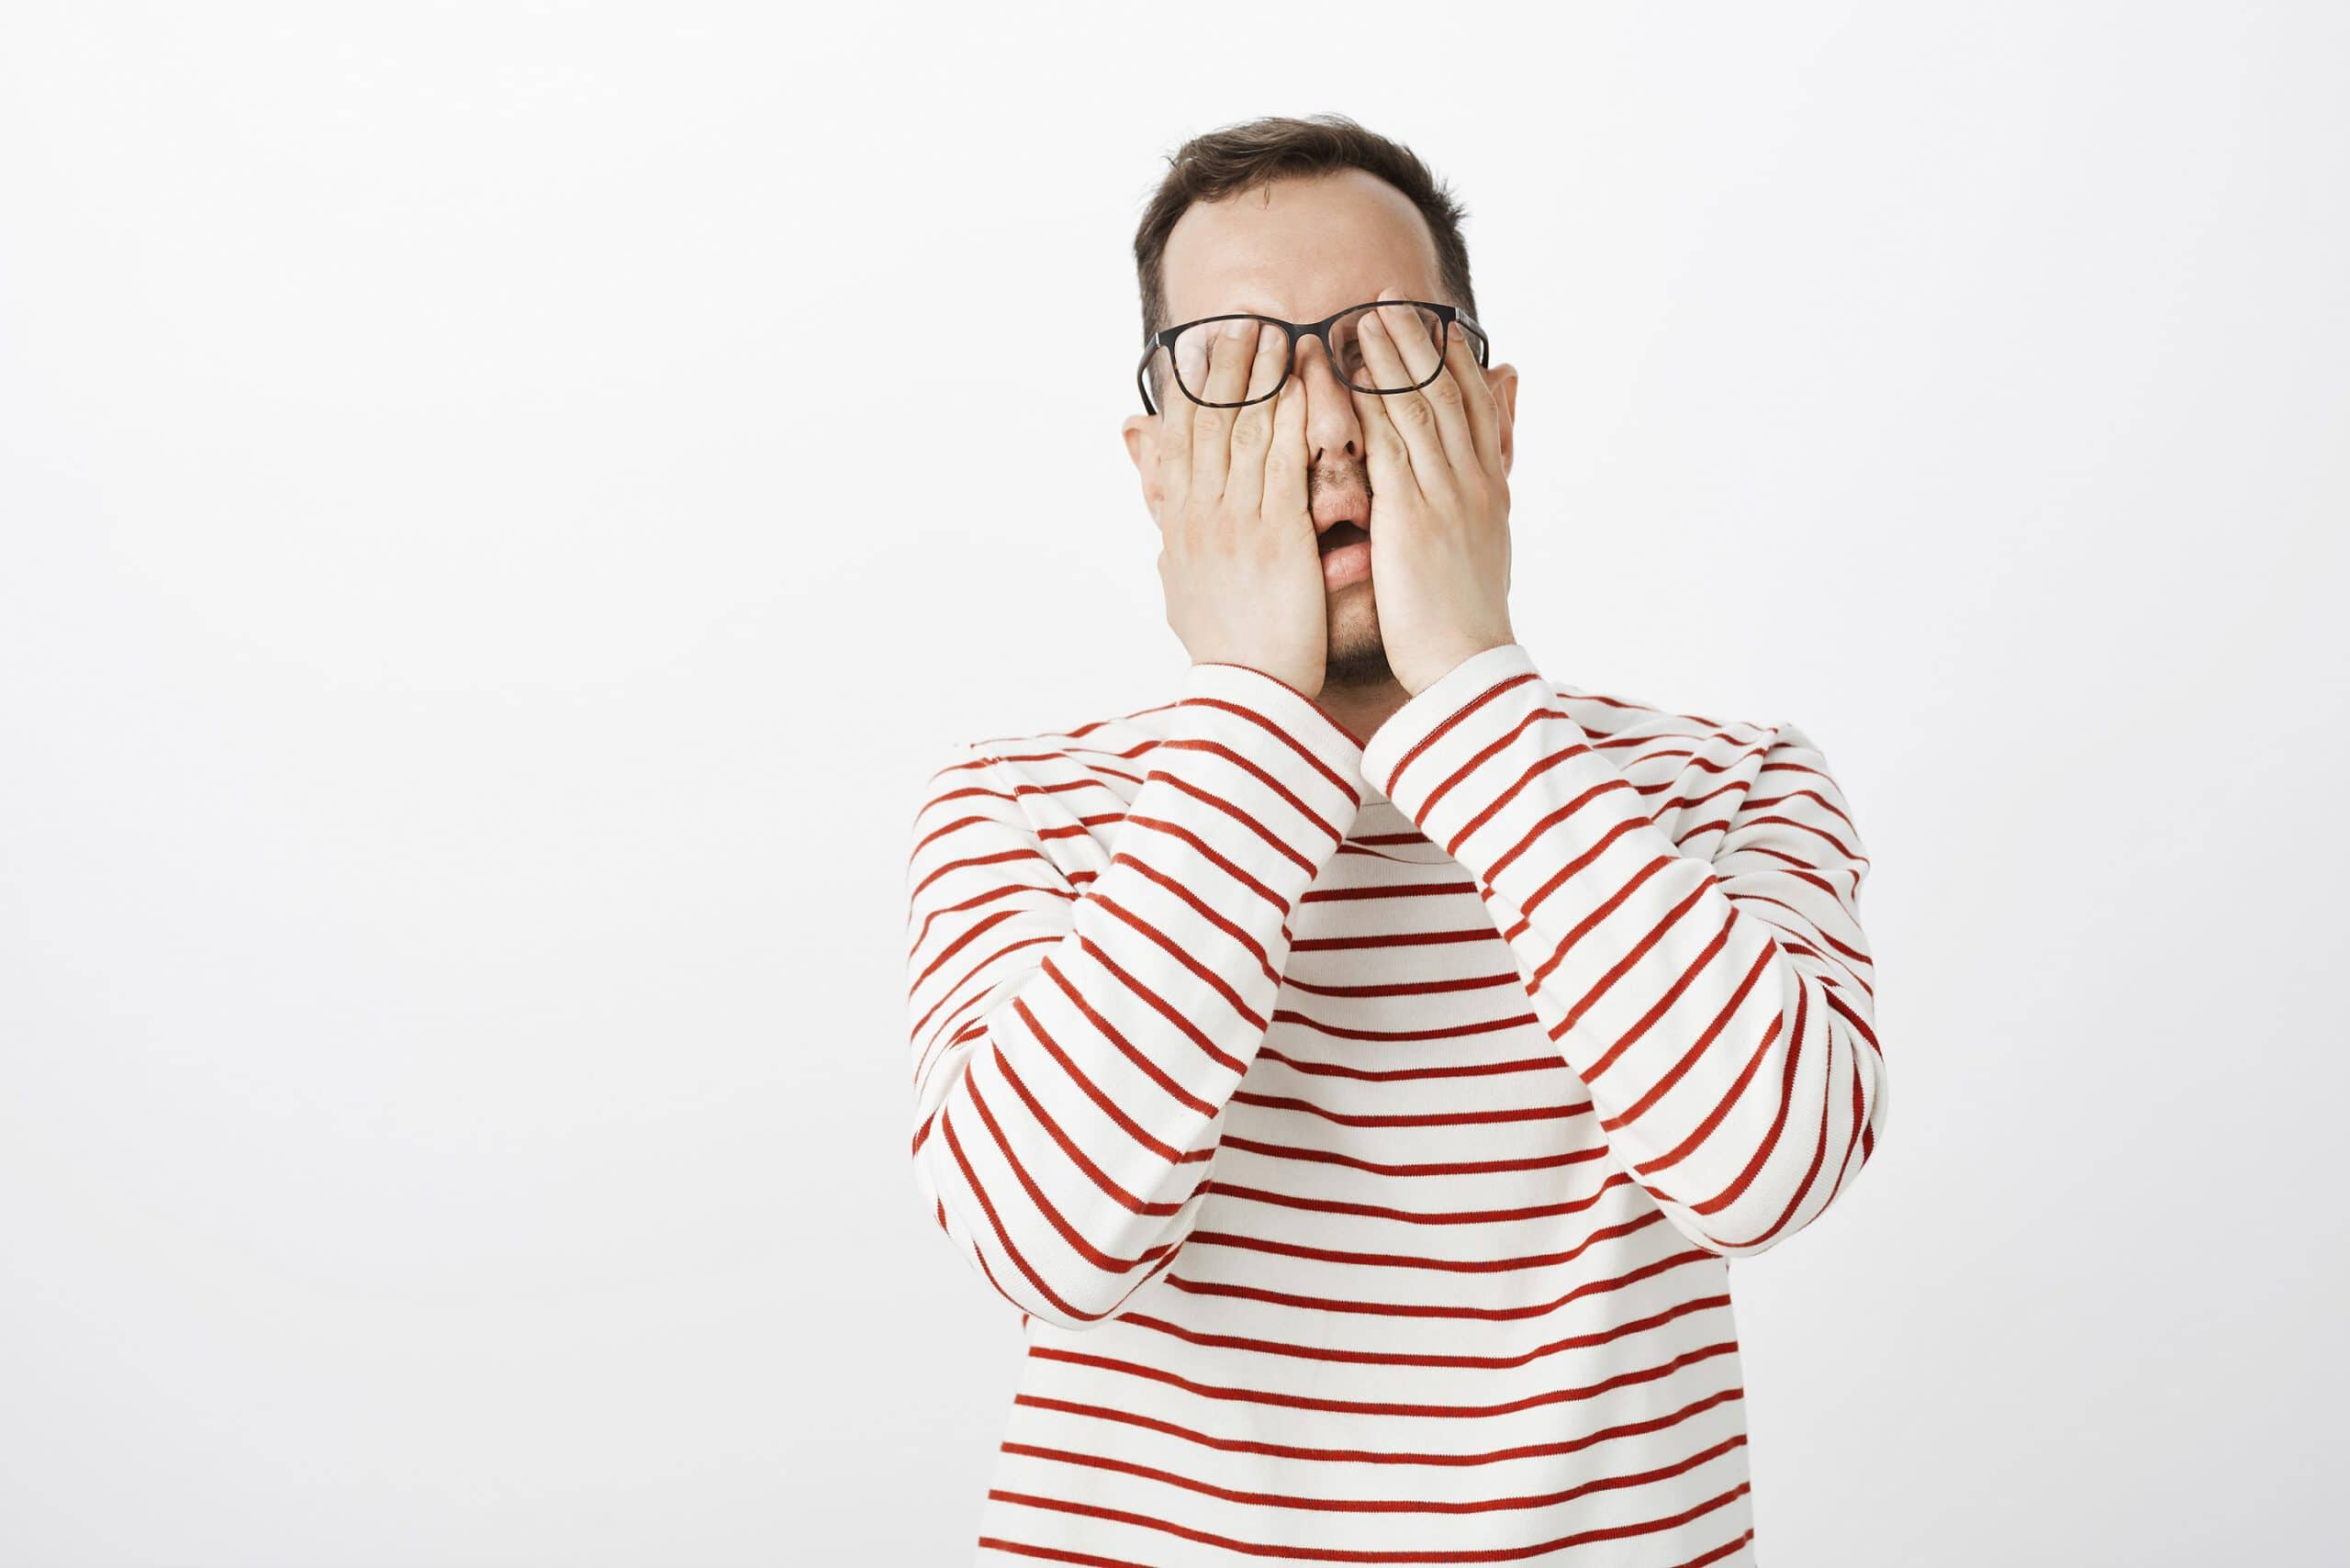 Ból oka – czym może być spowodowany? O czym świadczy kłucie w oku?